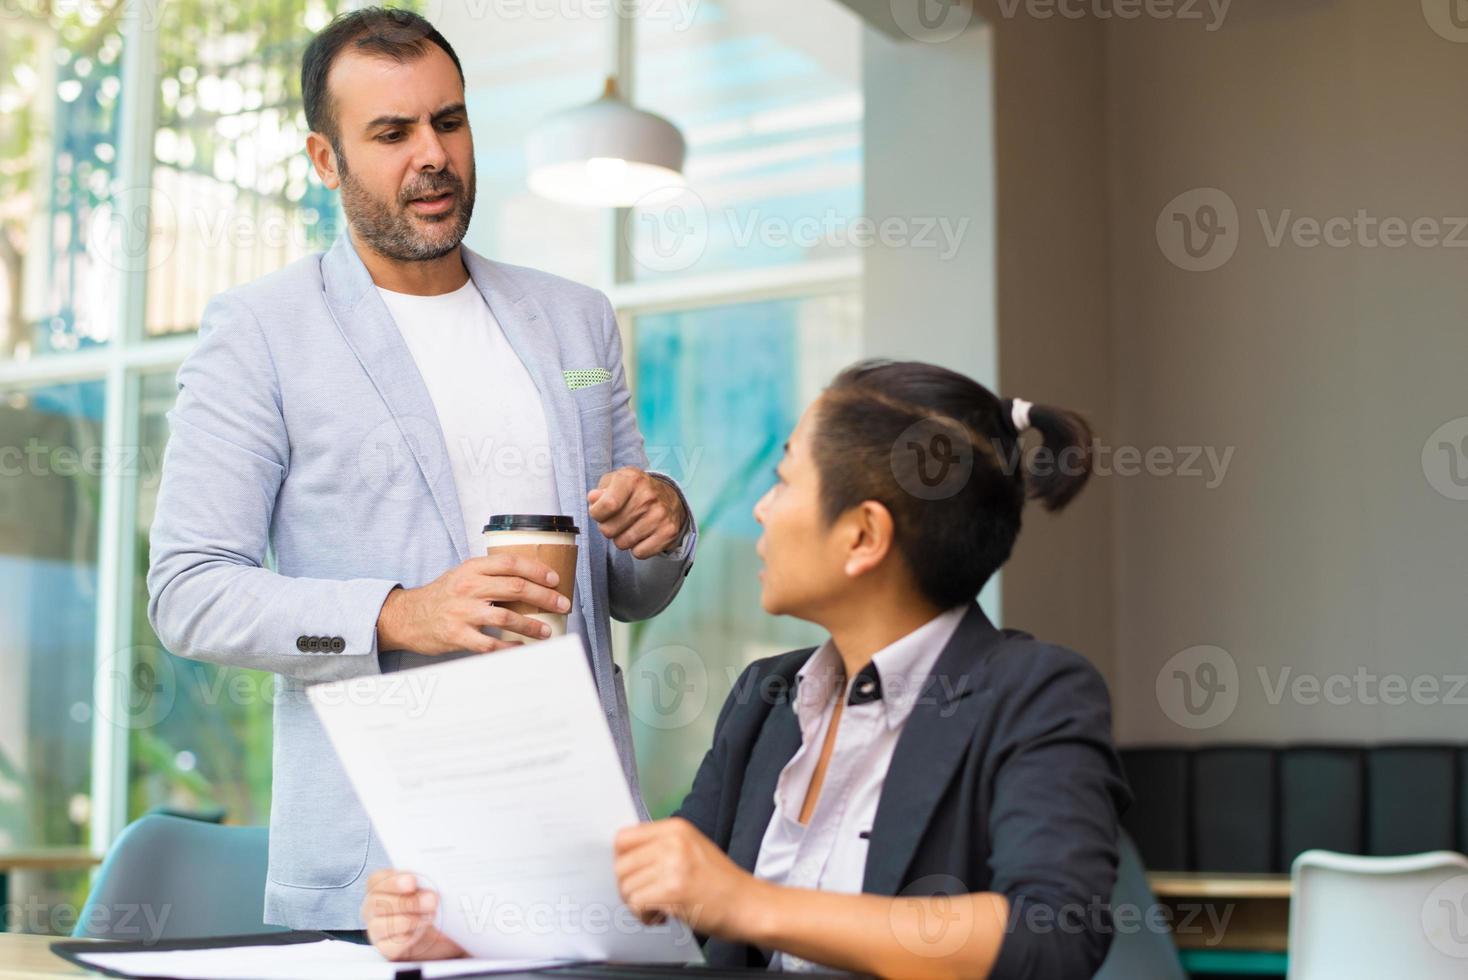 fundersam latinamerikansk affärsman med kaffekopp som pratar med chefen foto